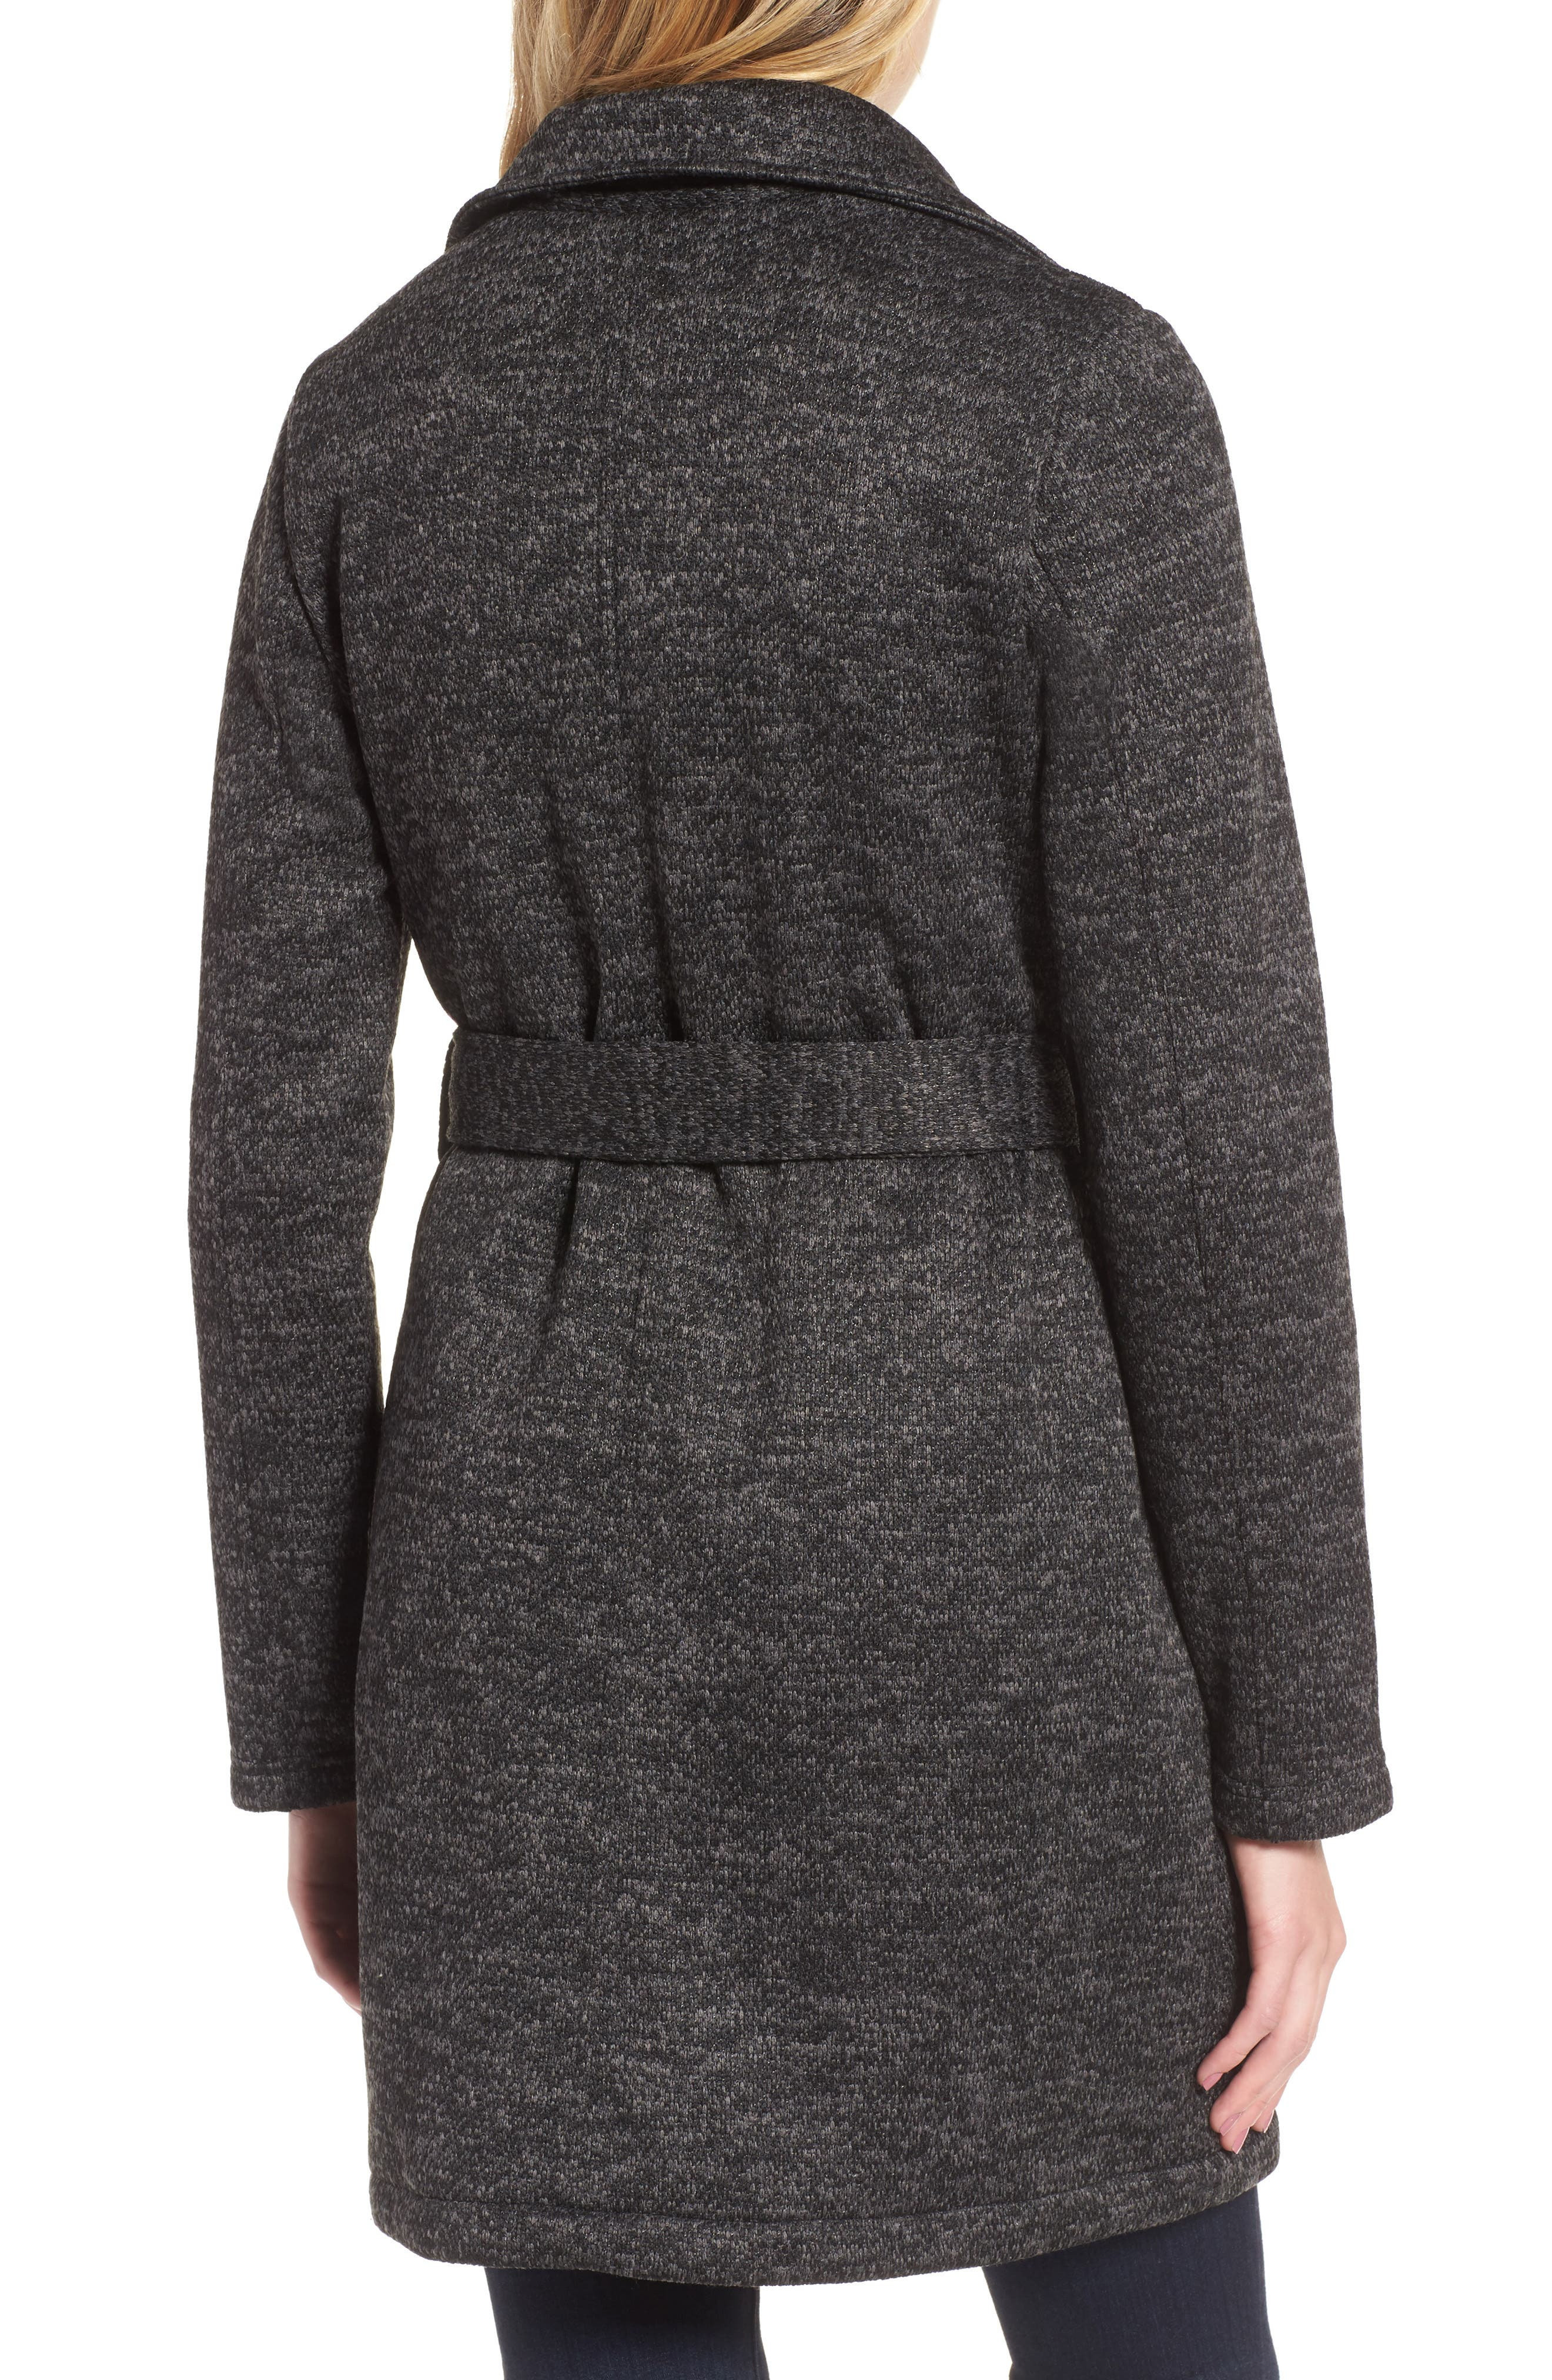 Belted Fleece Jacket,                             Alternate thumbnail 3, color,